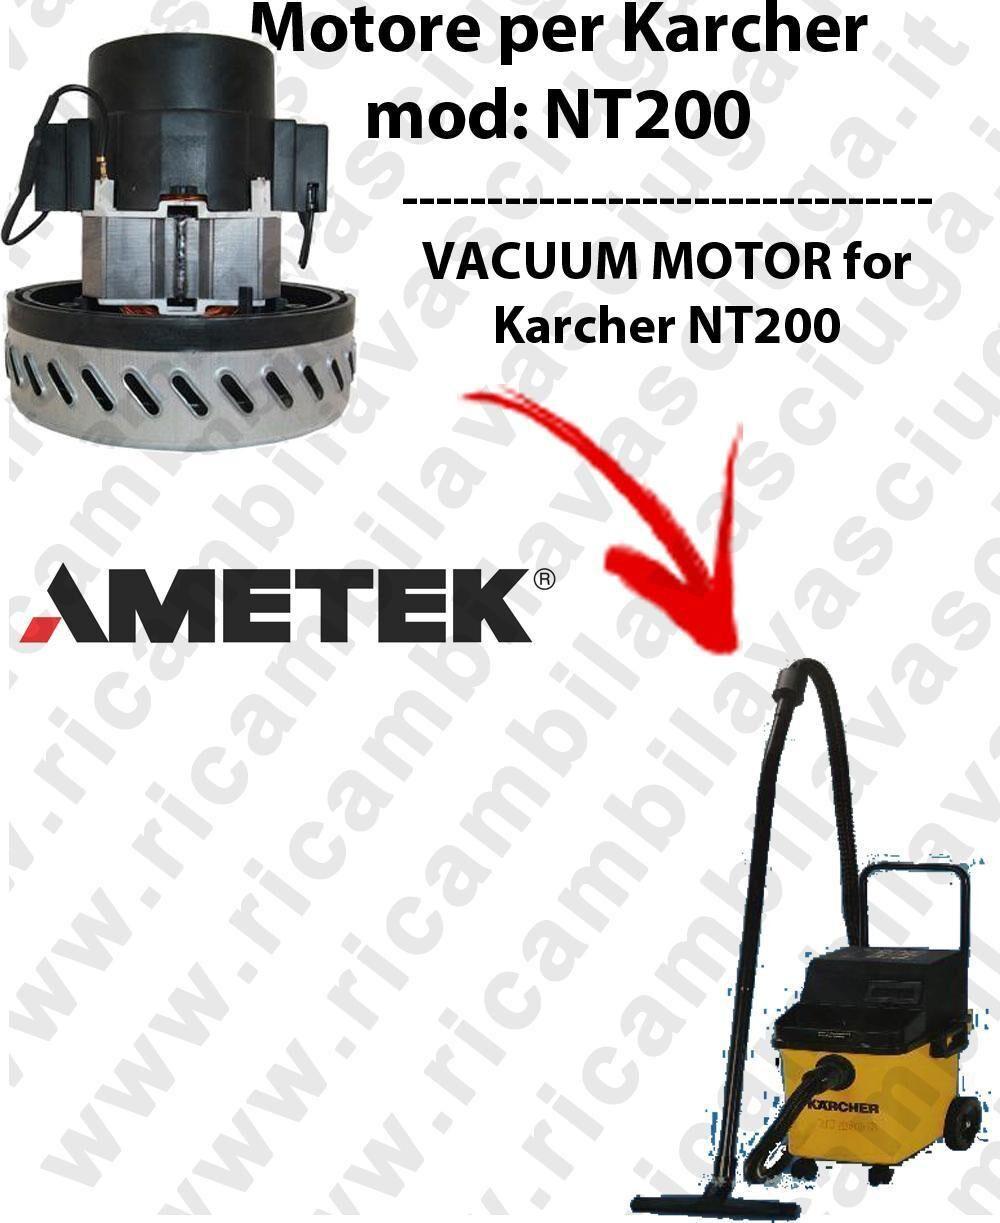 Karcher NT200 MOTORE ASPIRAZIONE AMETEK per aspirapolvere